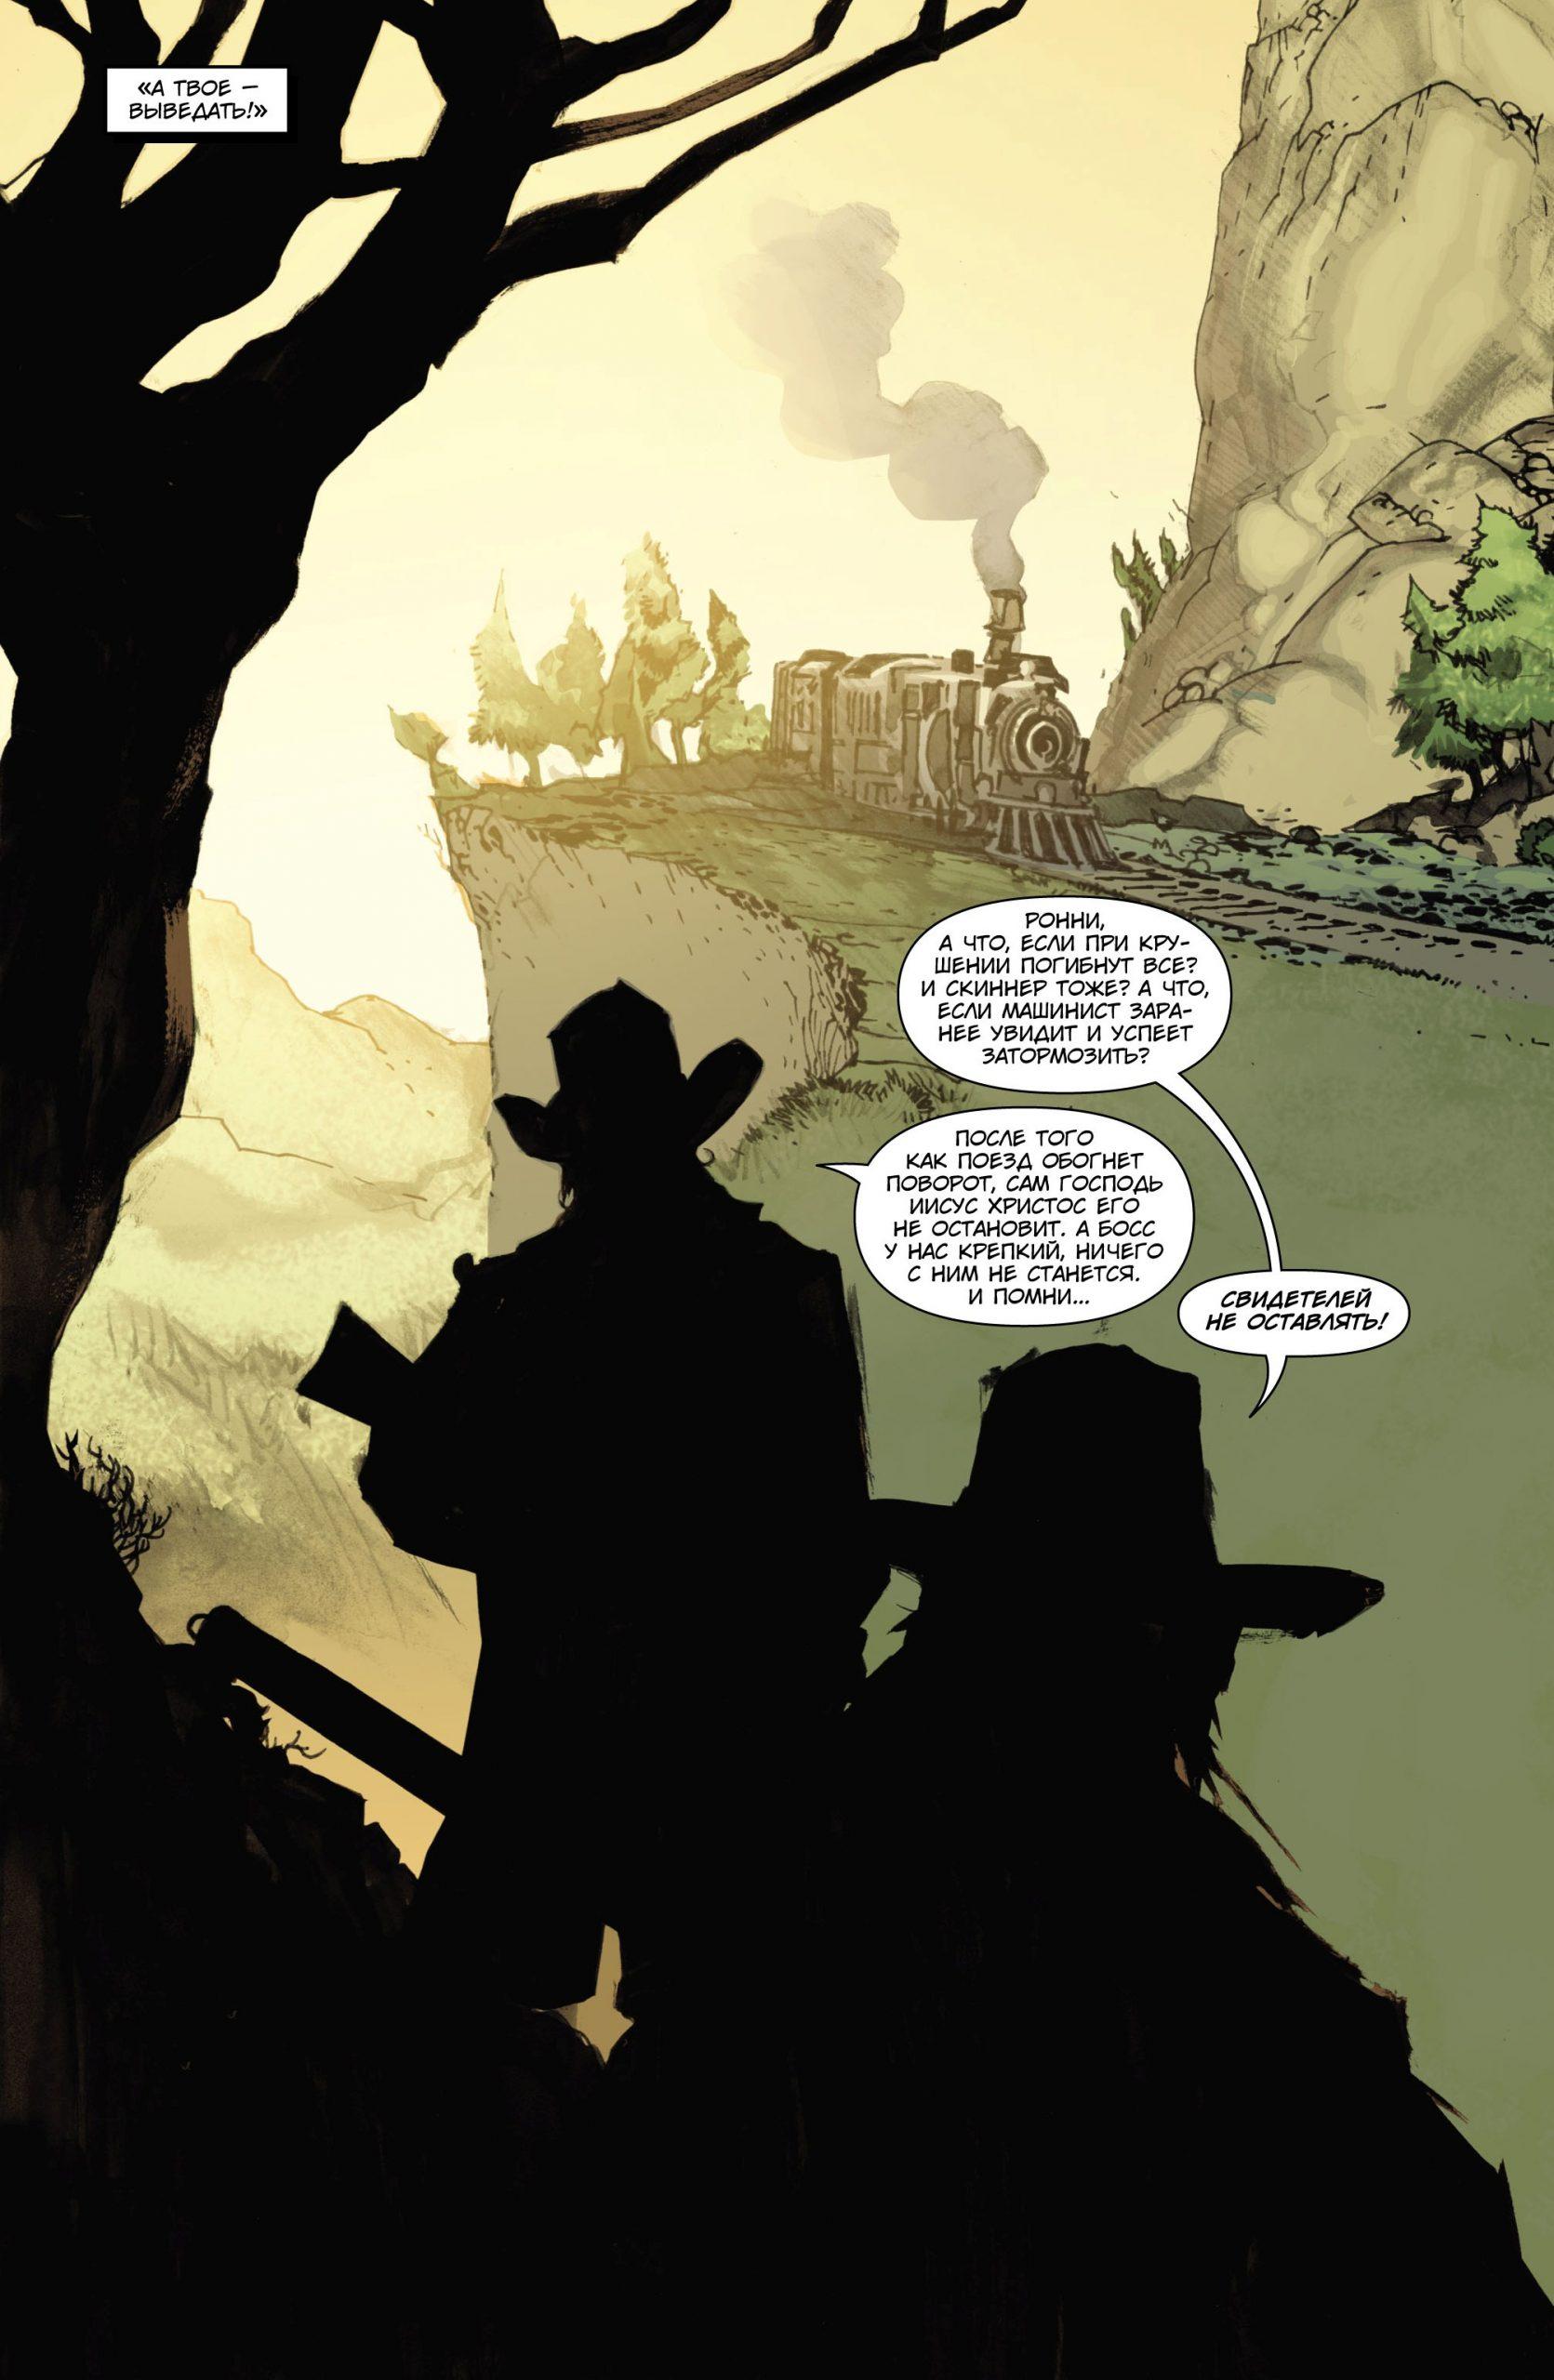 Читаем комикс «Американский вампир: Дурная кровь» 2